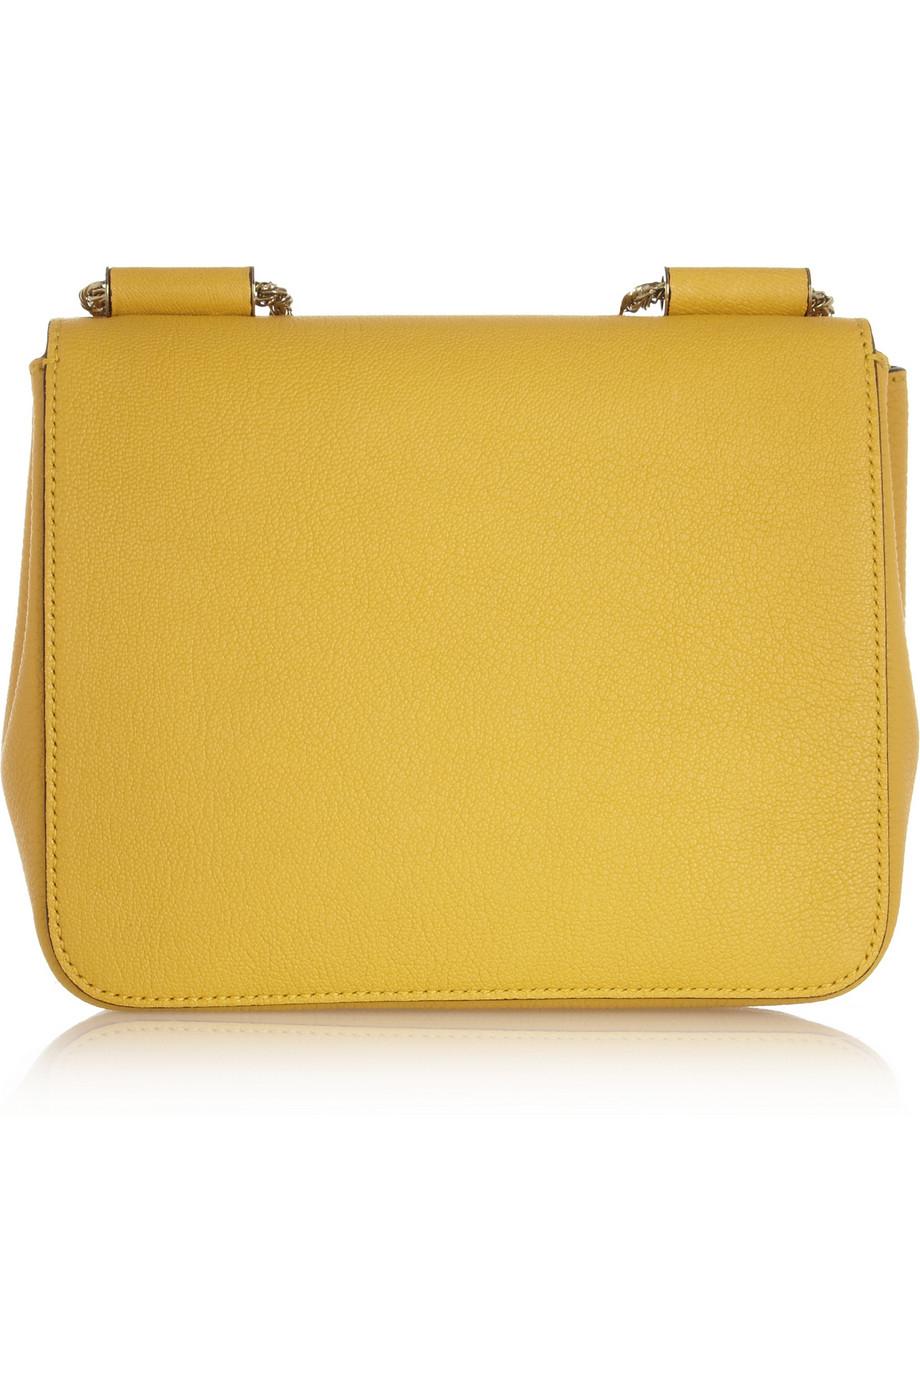 replica chloe elsie beige medium shoulder bag